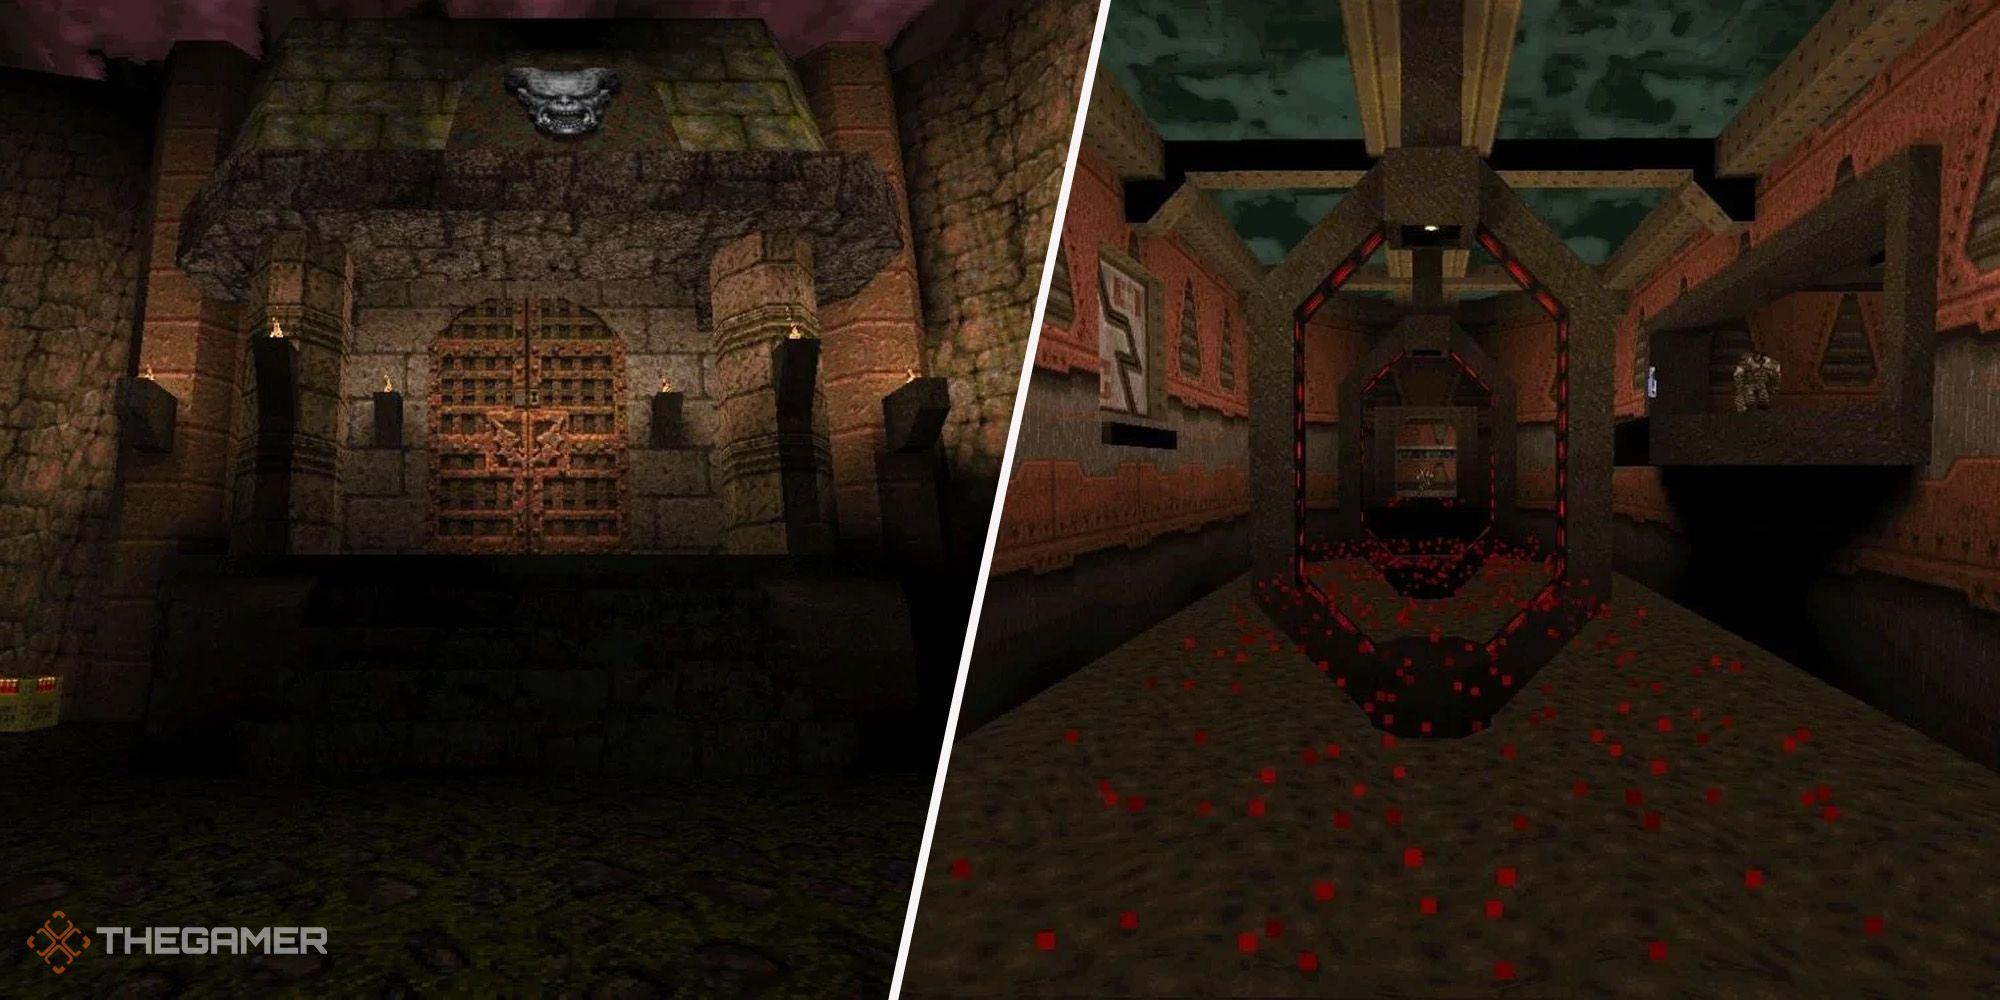 Quake: Cómo encontrar los niveles secretos